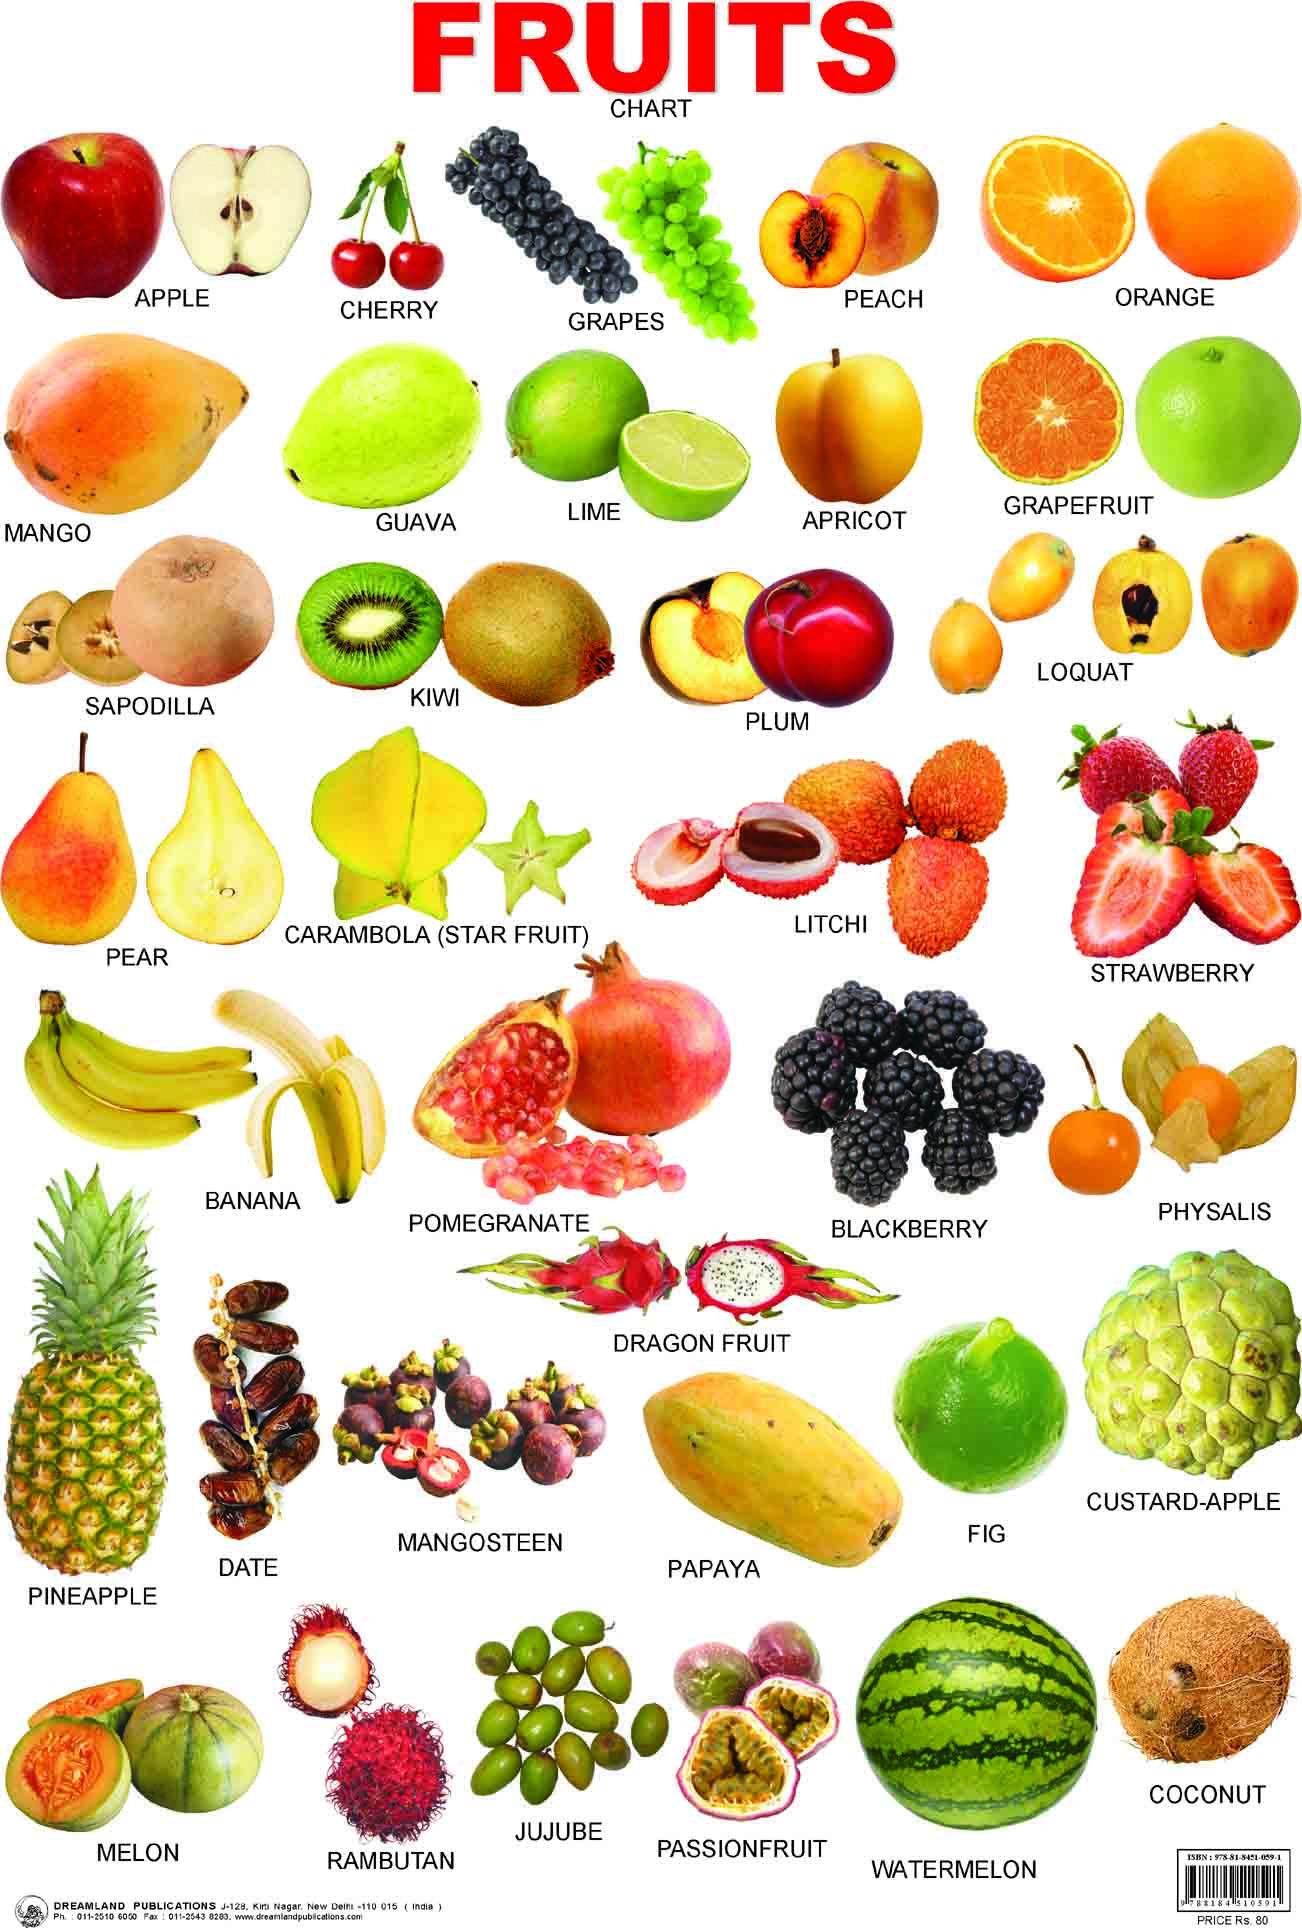 13 Fruits